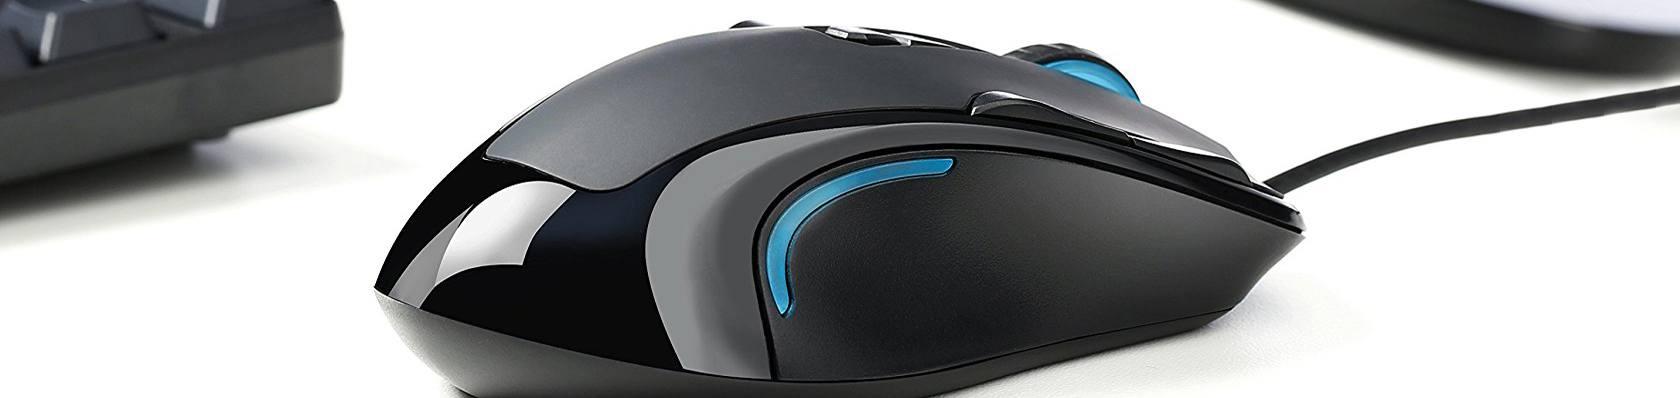 Linkshänder Mäuse im Test auf ExpertenTesten.de